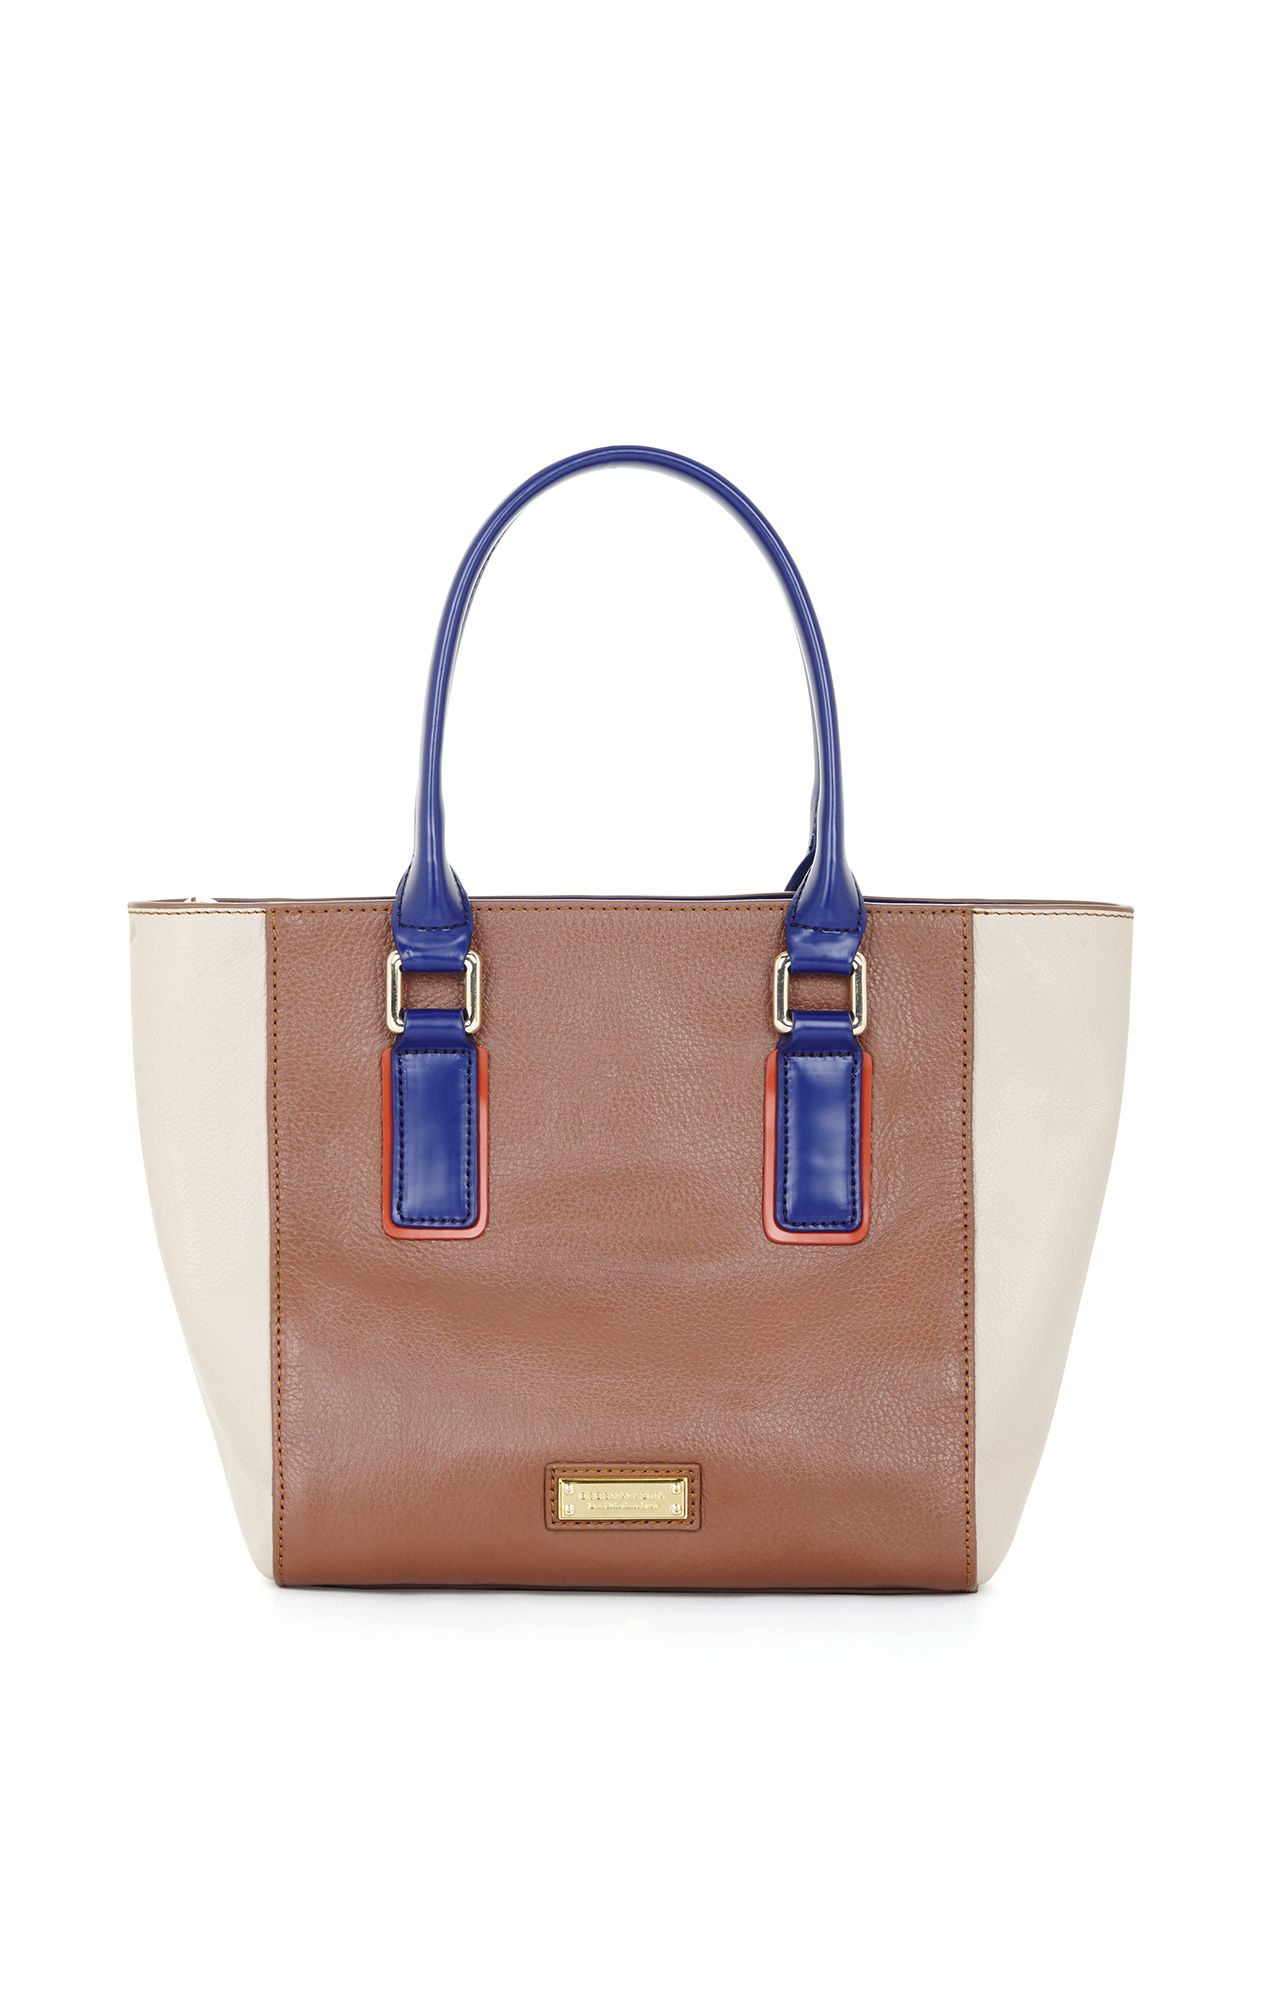 Bcbgmaxazria Mini Ursula Color-blocked Leather Tote in Brown - Lyst 1645c6bb873b7